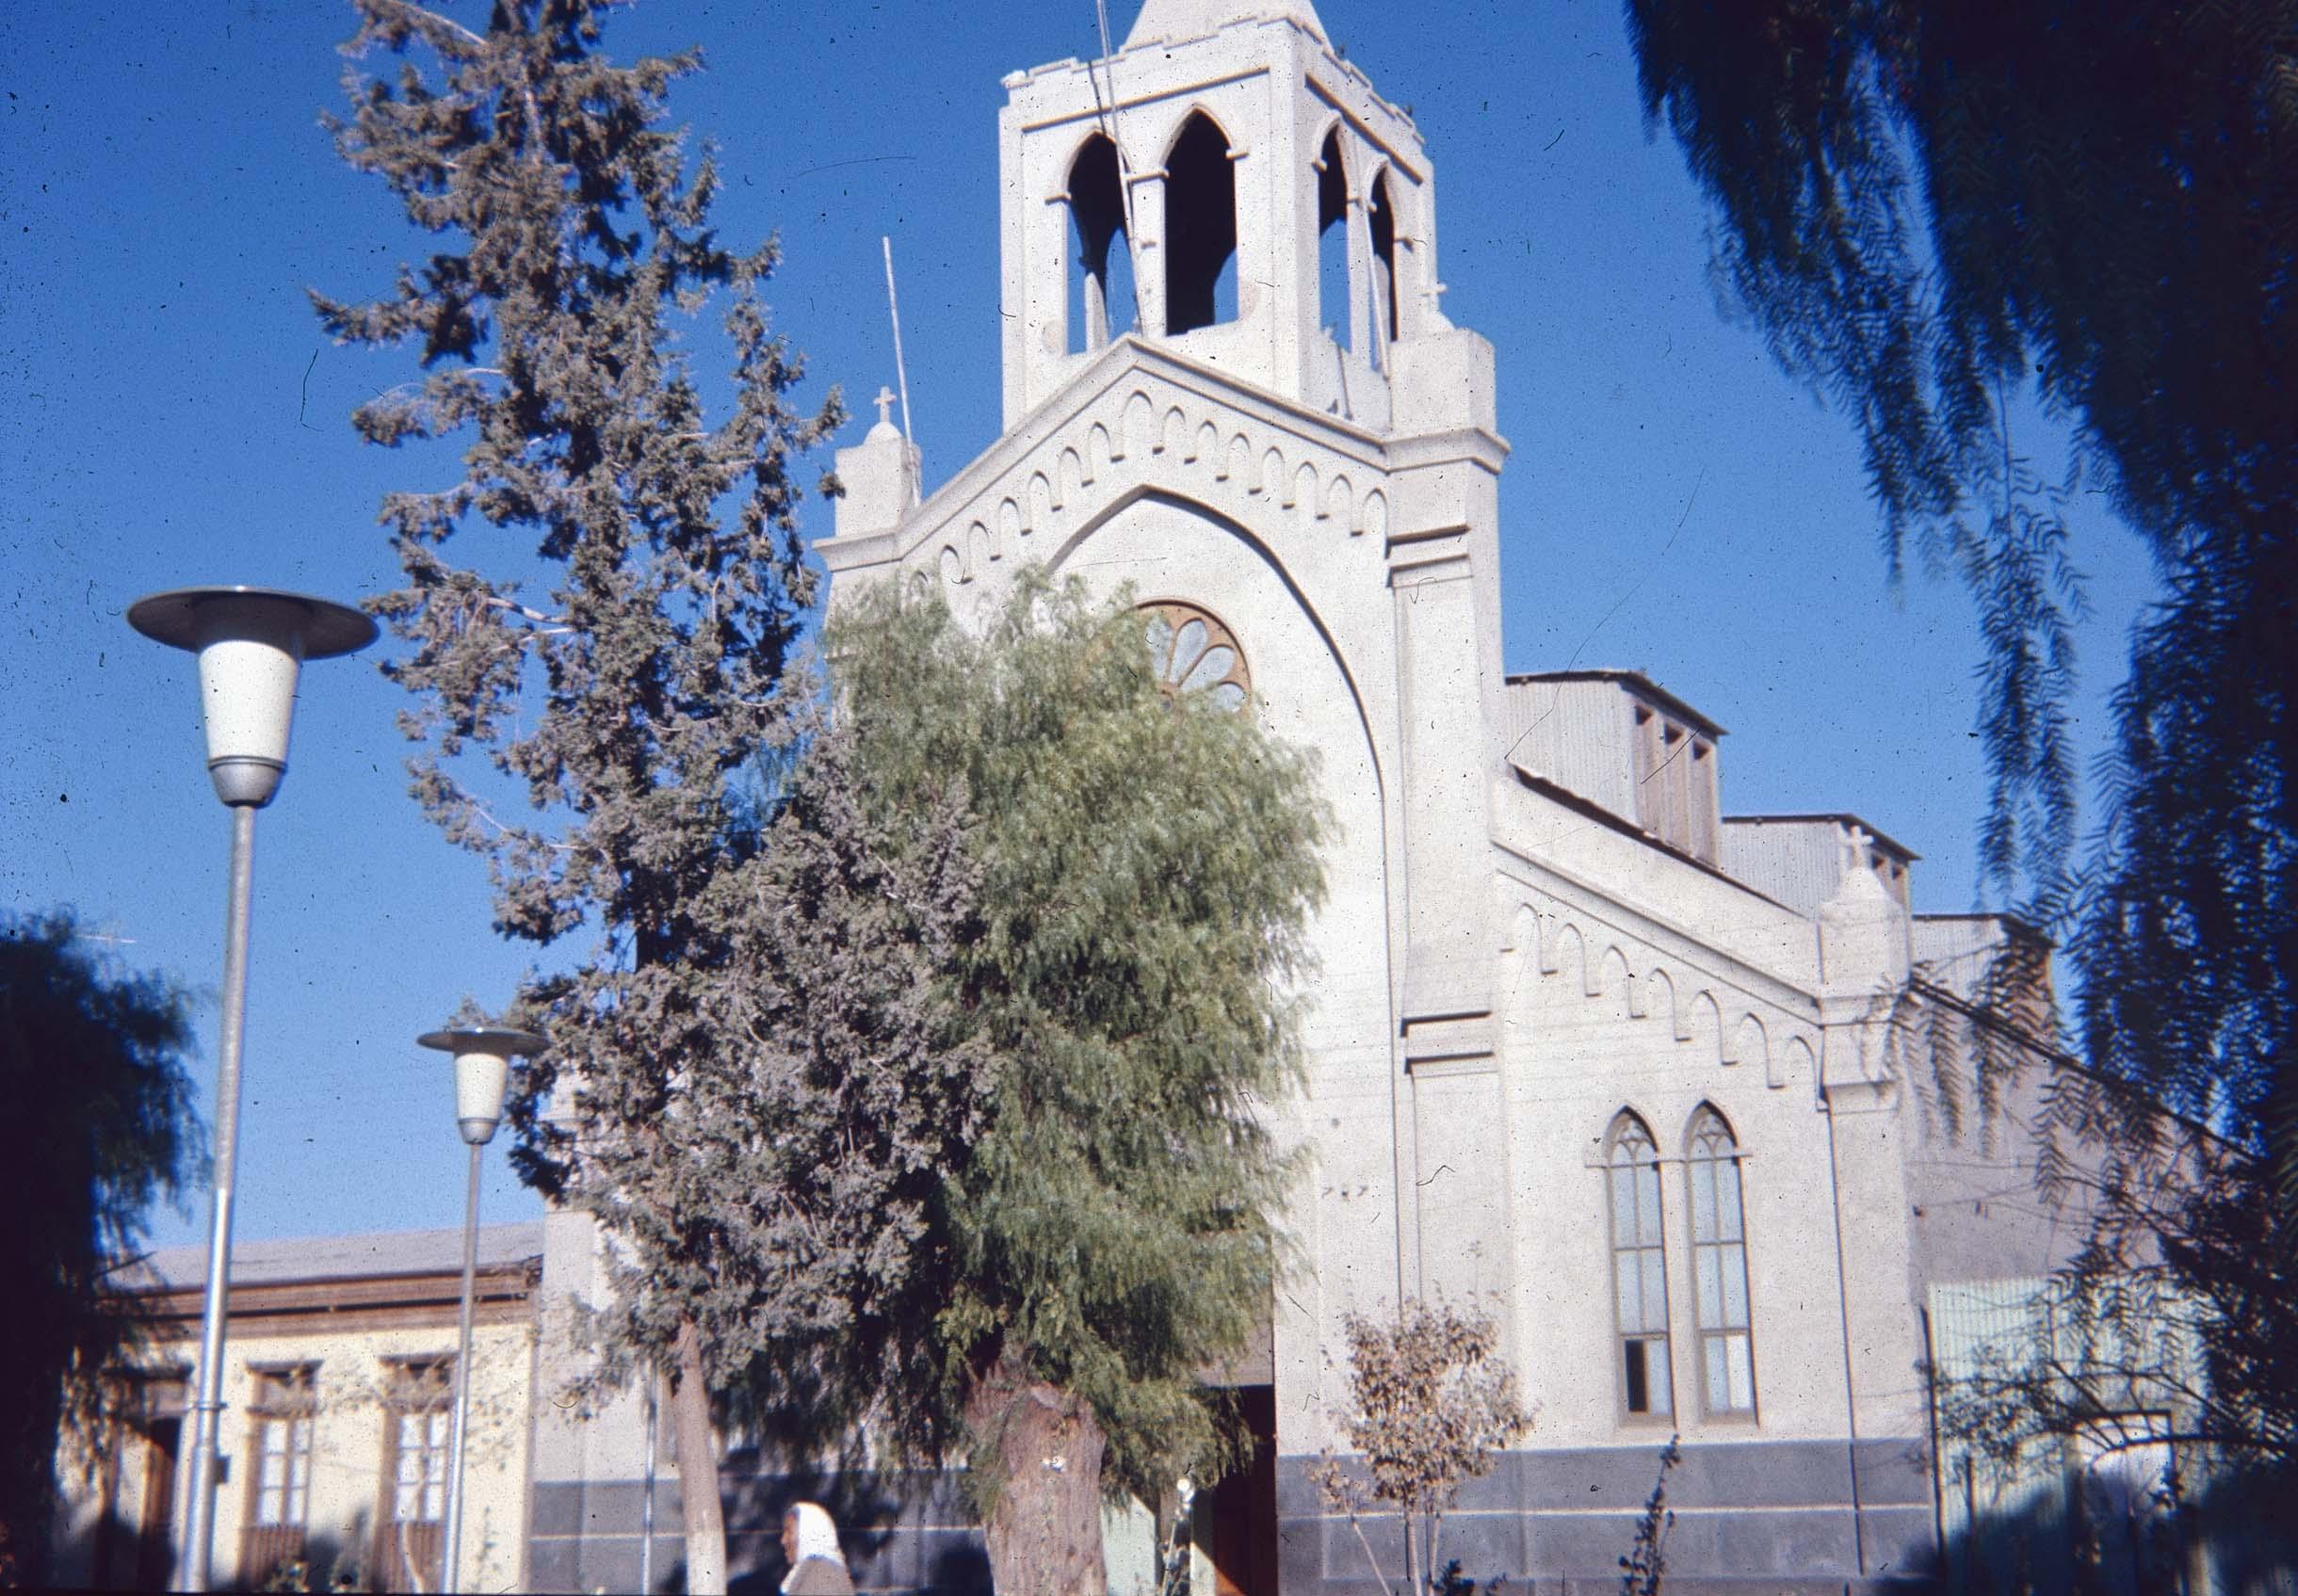 Enterreno - Fotos históricas de chile - fotos antiguas de Chile - Iglesia en Curicó en los 60